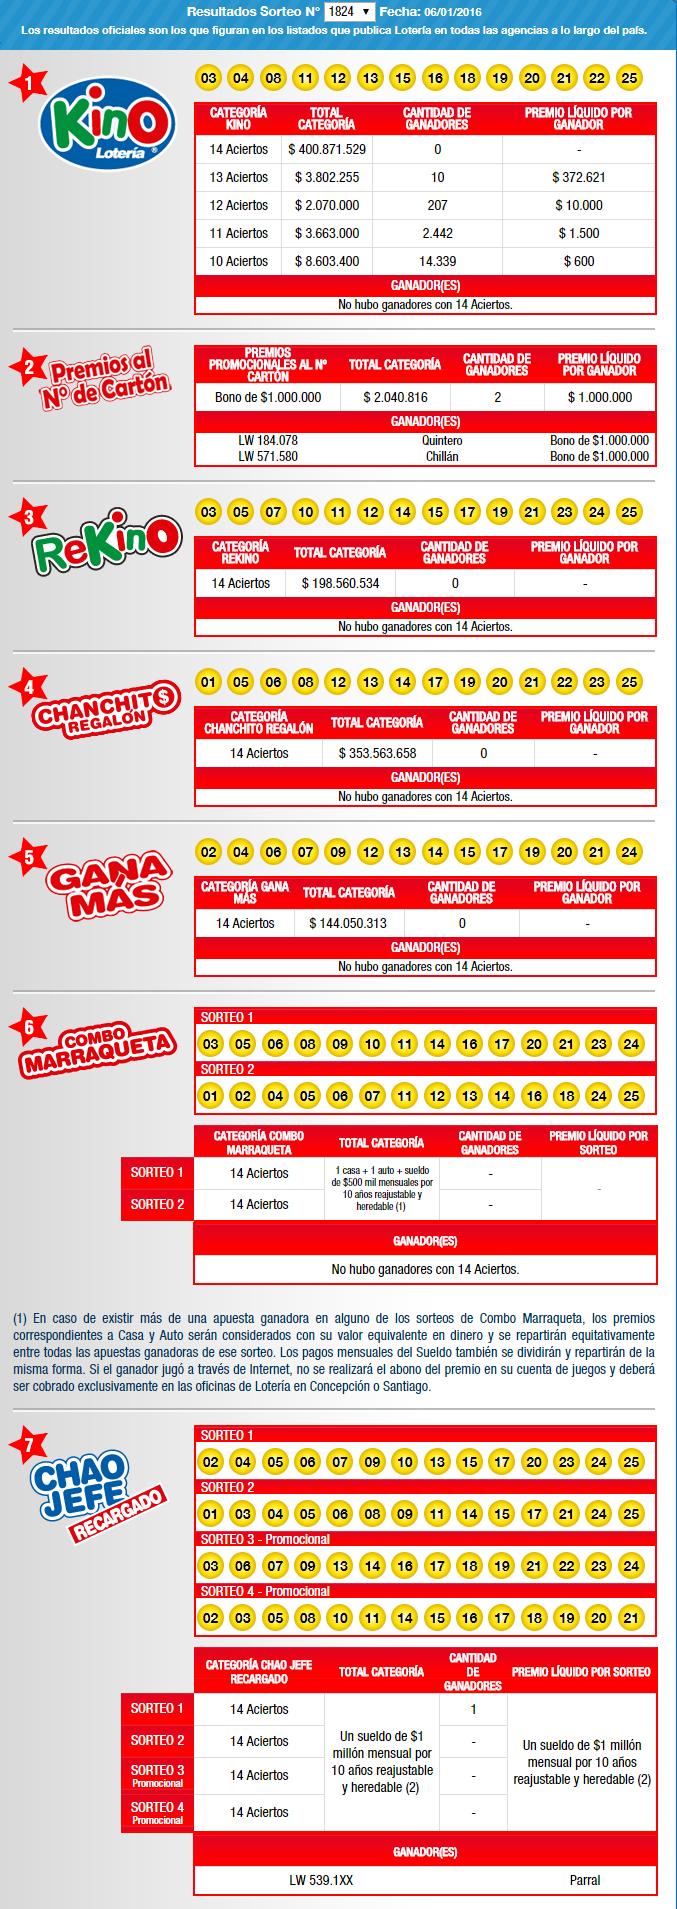 Resultados Sorteo Liverpool 2015 El Universal